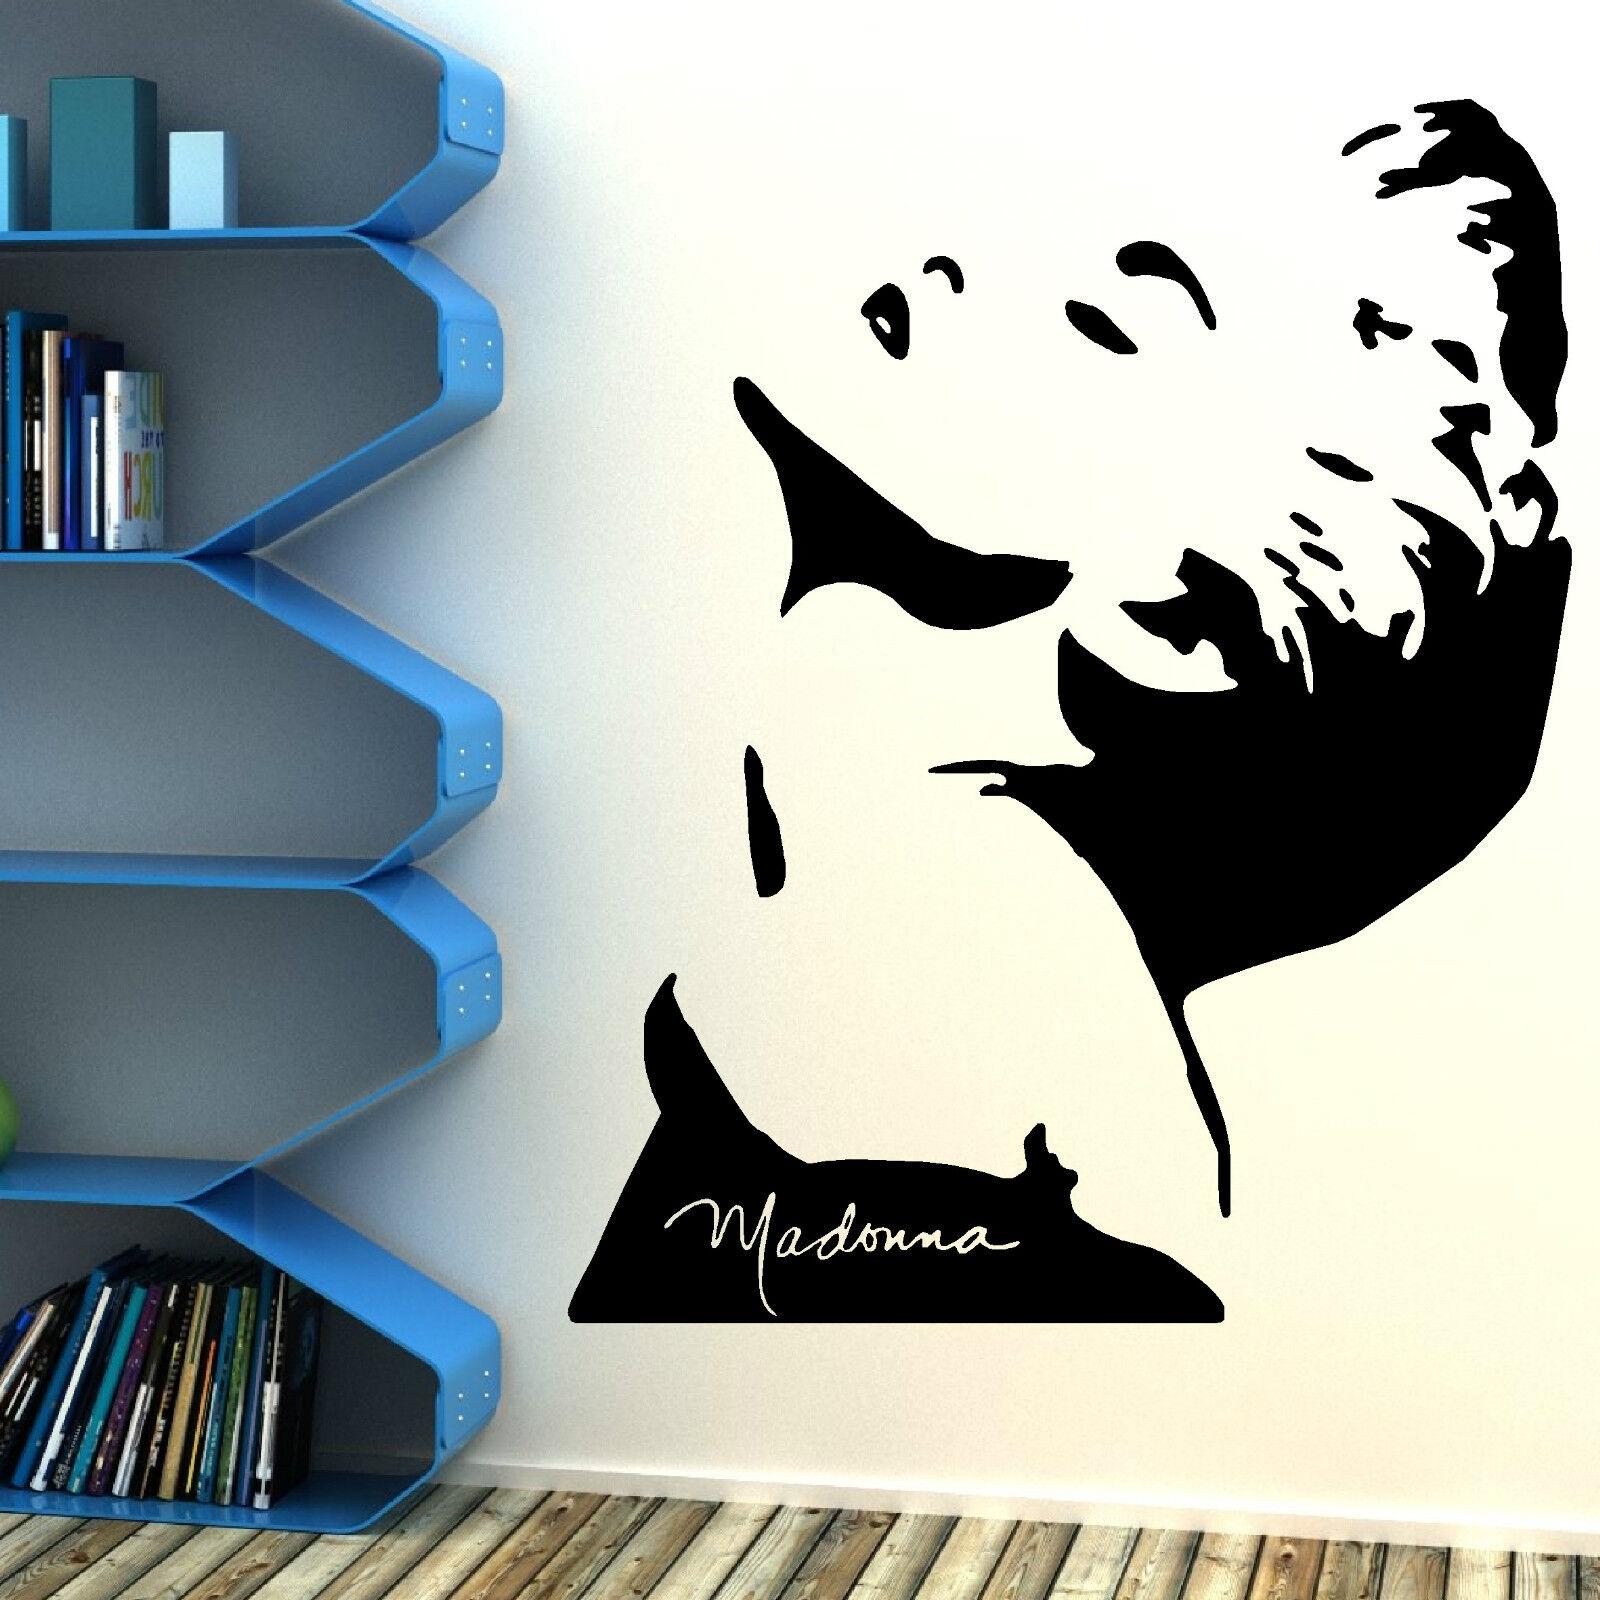 Madonna Vinyl Wall Art Sticker Decal Mural Ebay